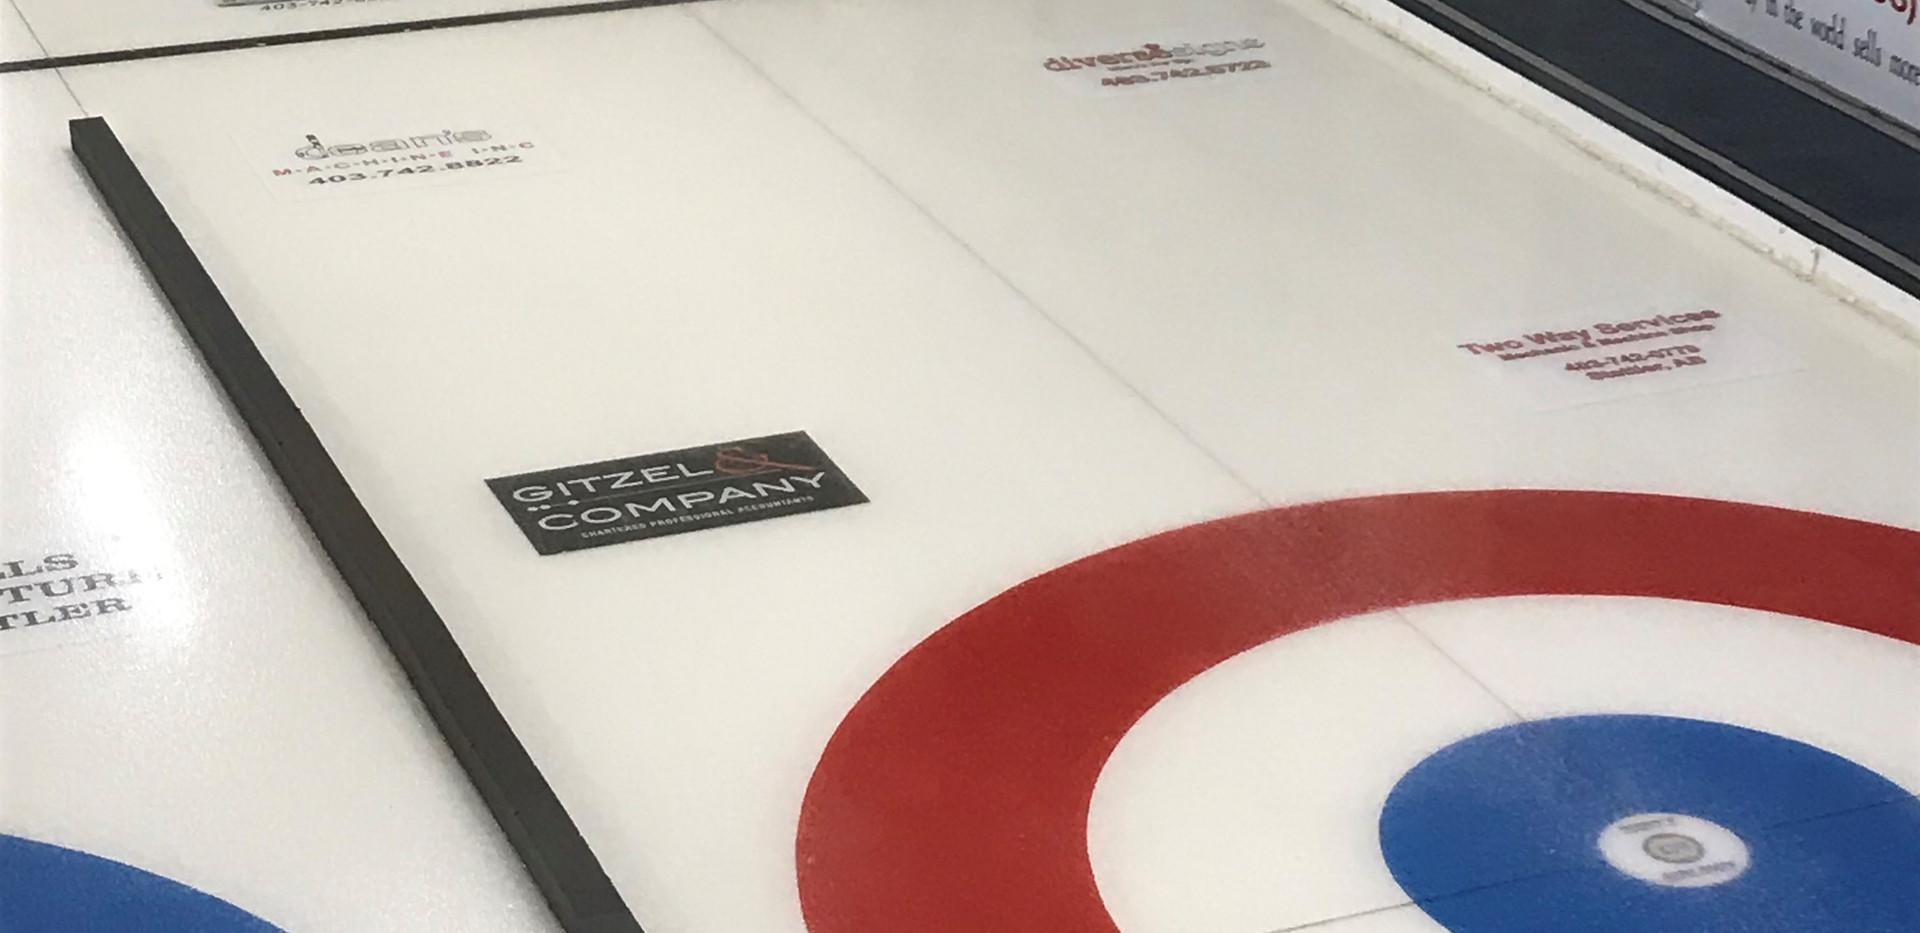 Erskine Ice Graphics 2019